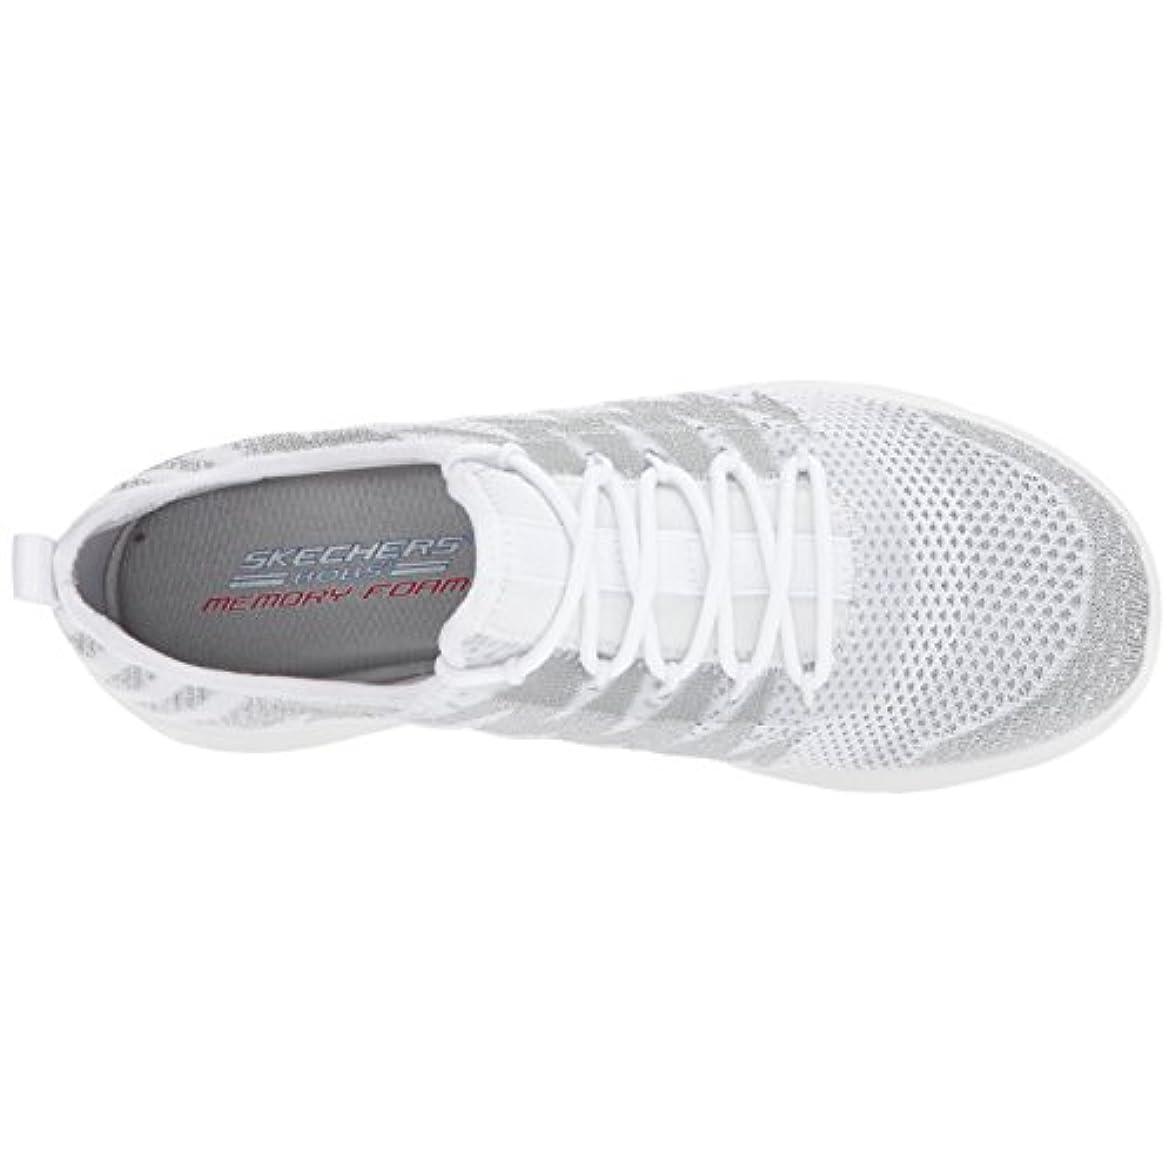 Skechers Womens Shoe Bobs Swift-zap Zing White silver 5